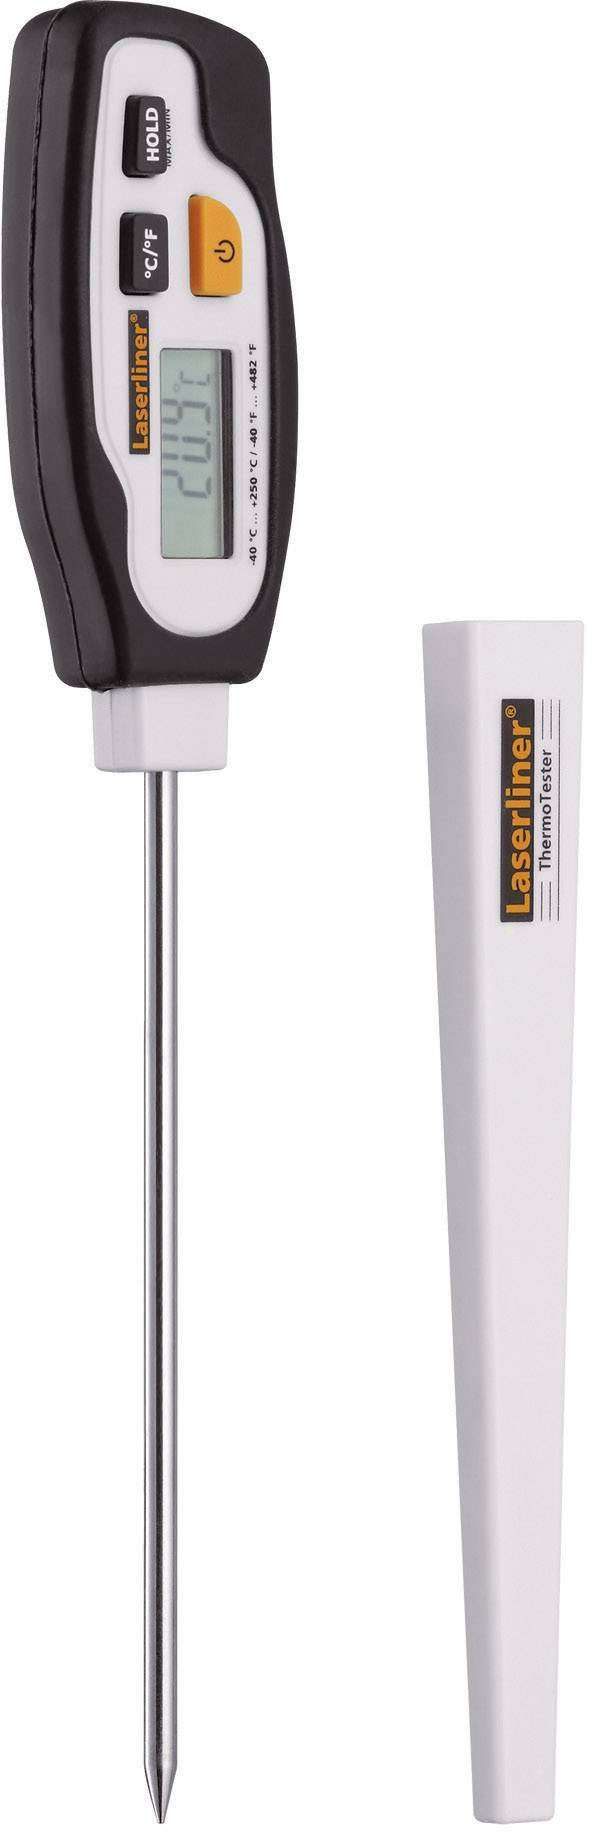 Vpichovací teplomer LaserLiner ThermoTester, -40 až +250 ° C, 082.030A